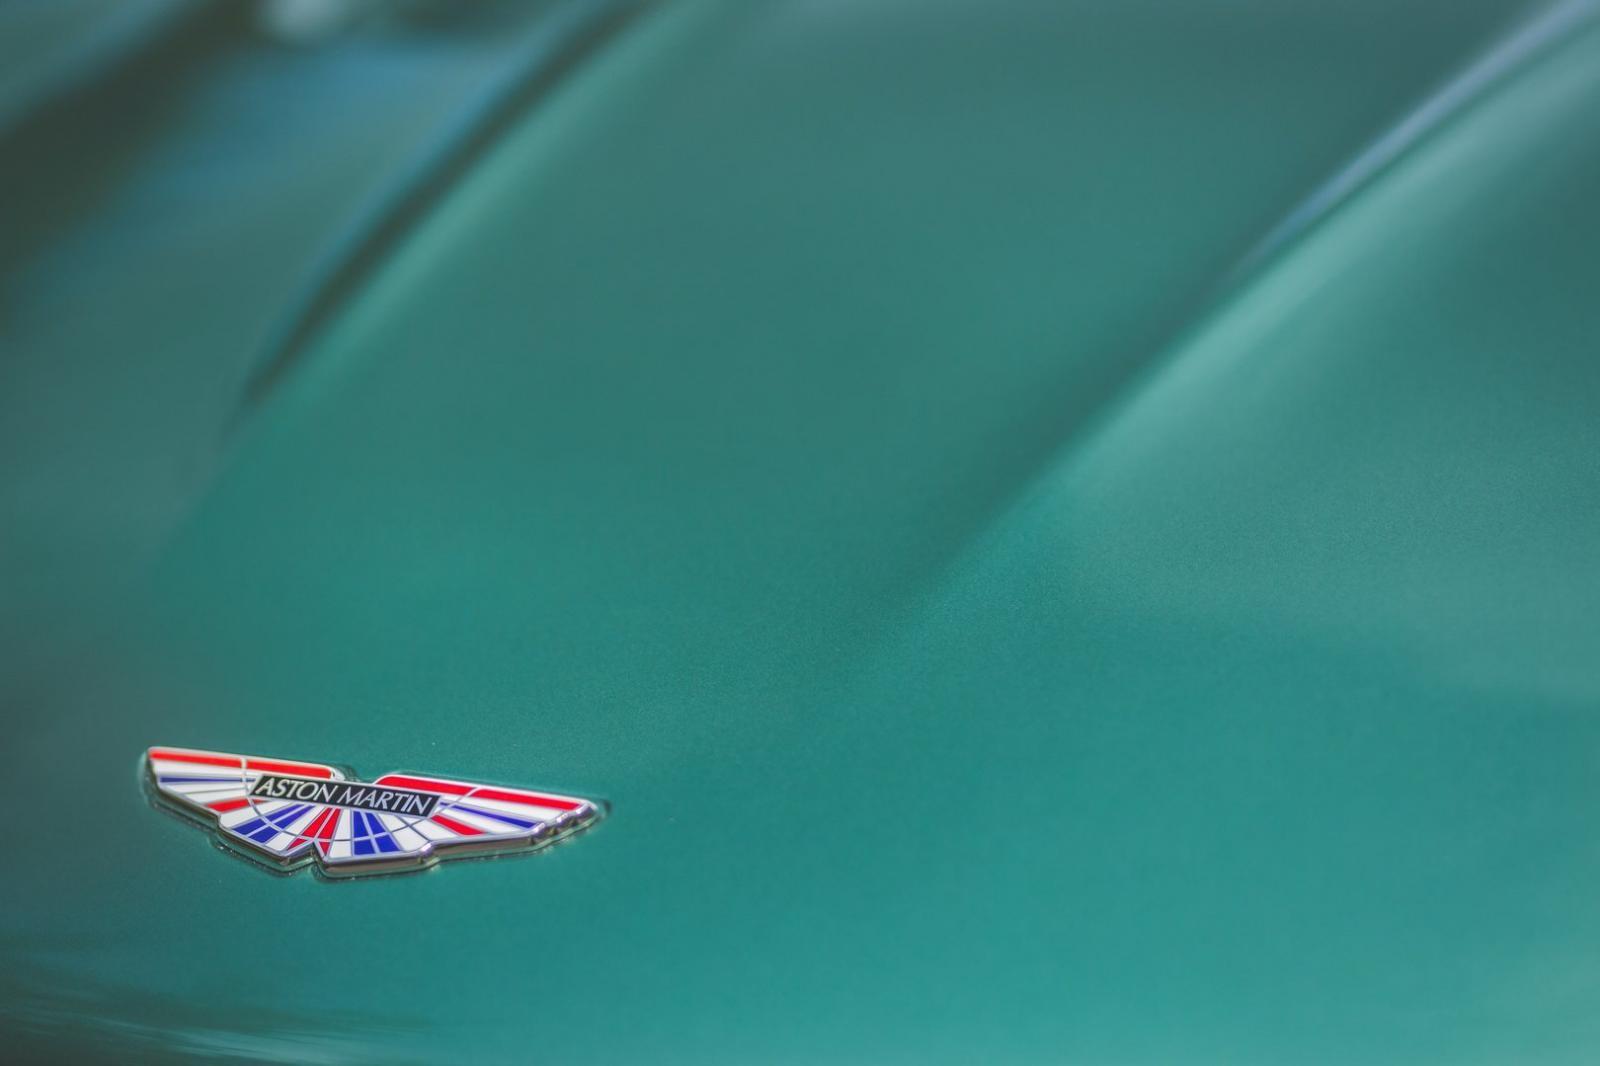 Siêu xe Aston Martin DBS 59 Edition có màu sơn xanh Racing Green